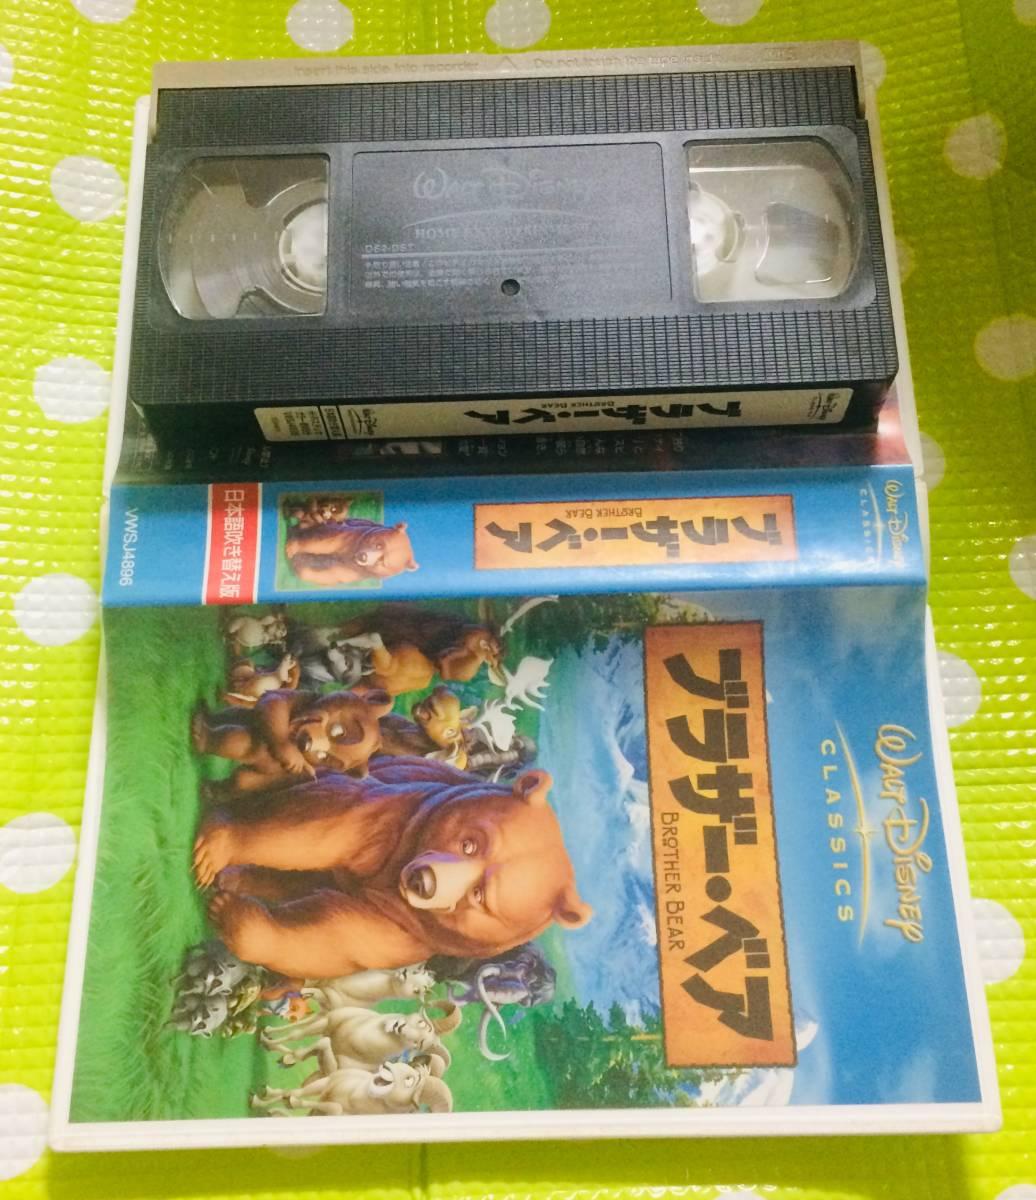 即決〈同梱歓迎〉VHS ブラザー・ベア 日本語吹き替え版 ディズニー アニメ◎その他ビデオ多数出品中θt6926_画像1